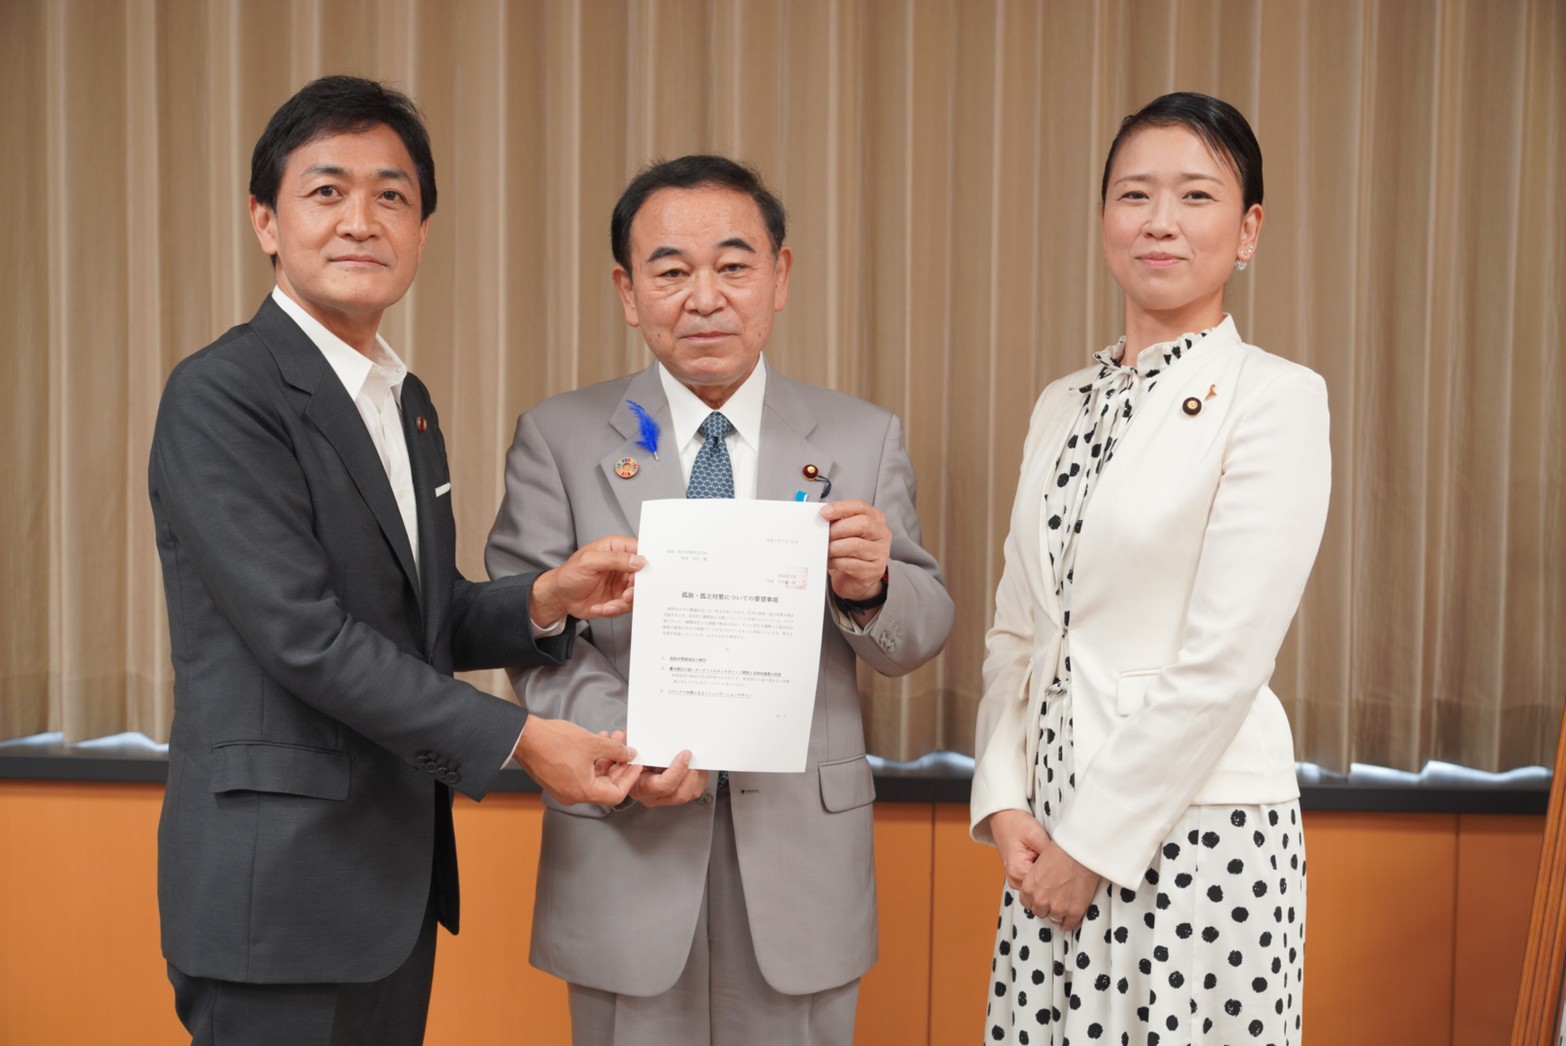 【申し入れ】坂本大臣と孤独・孤立対策について意見交換